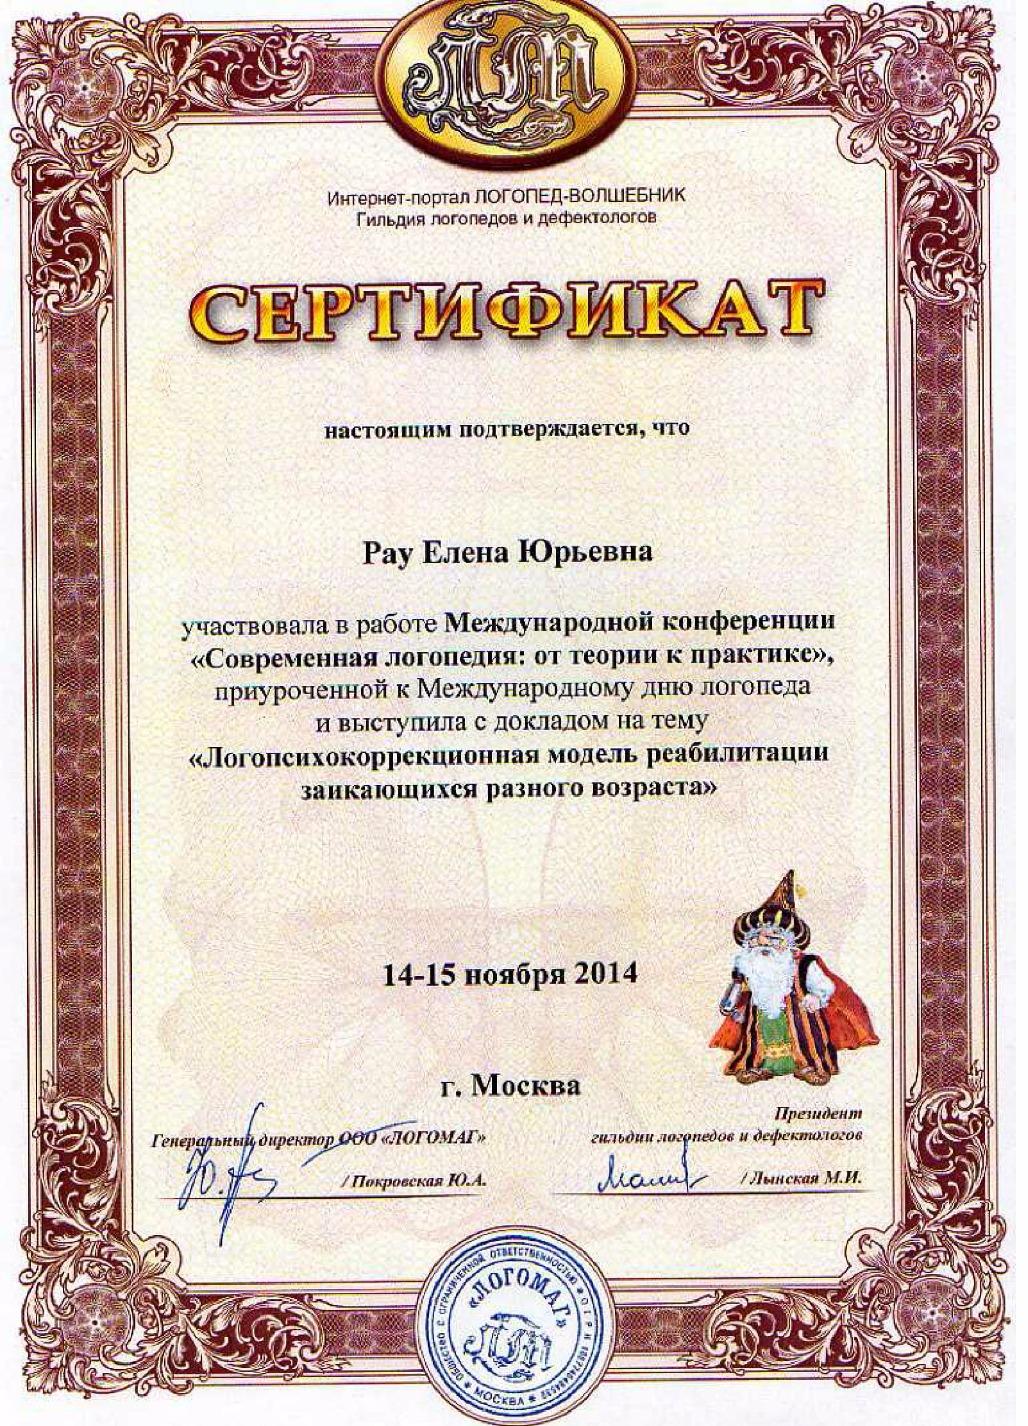 Сертификат 2014-1_edited